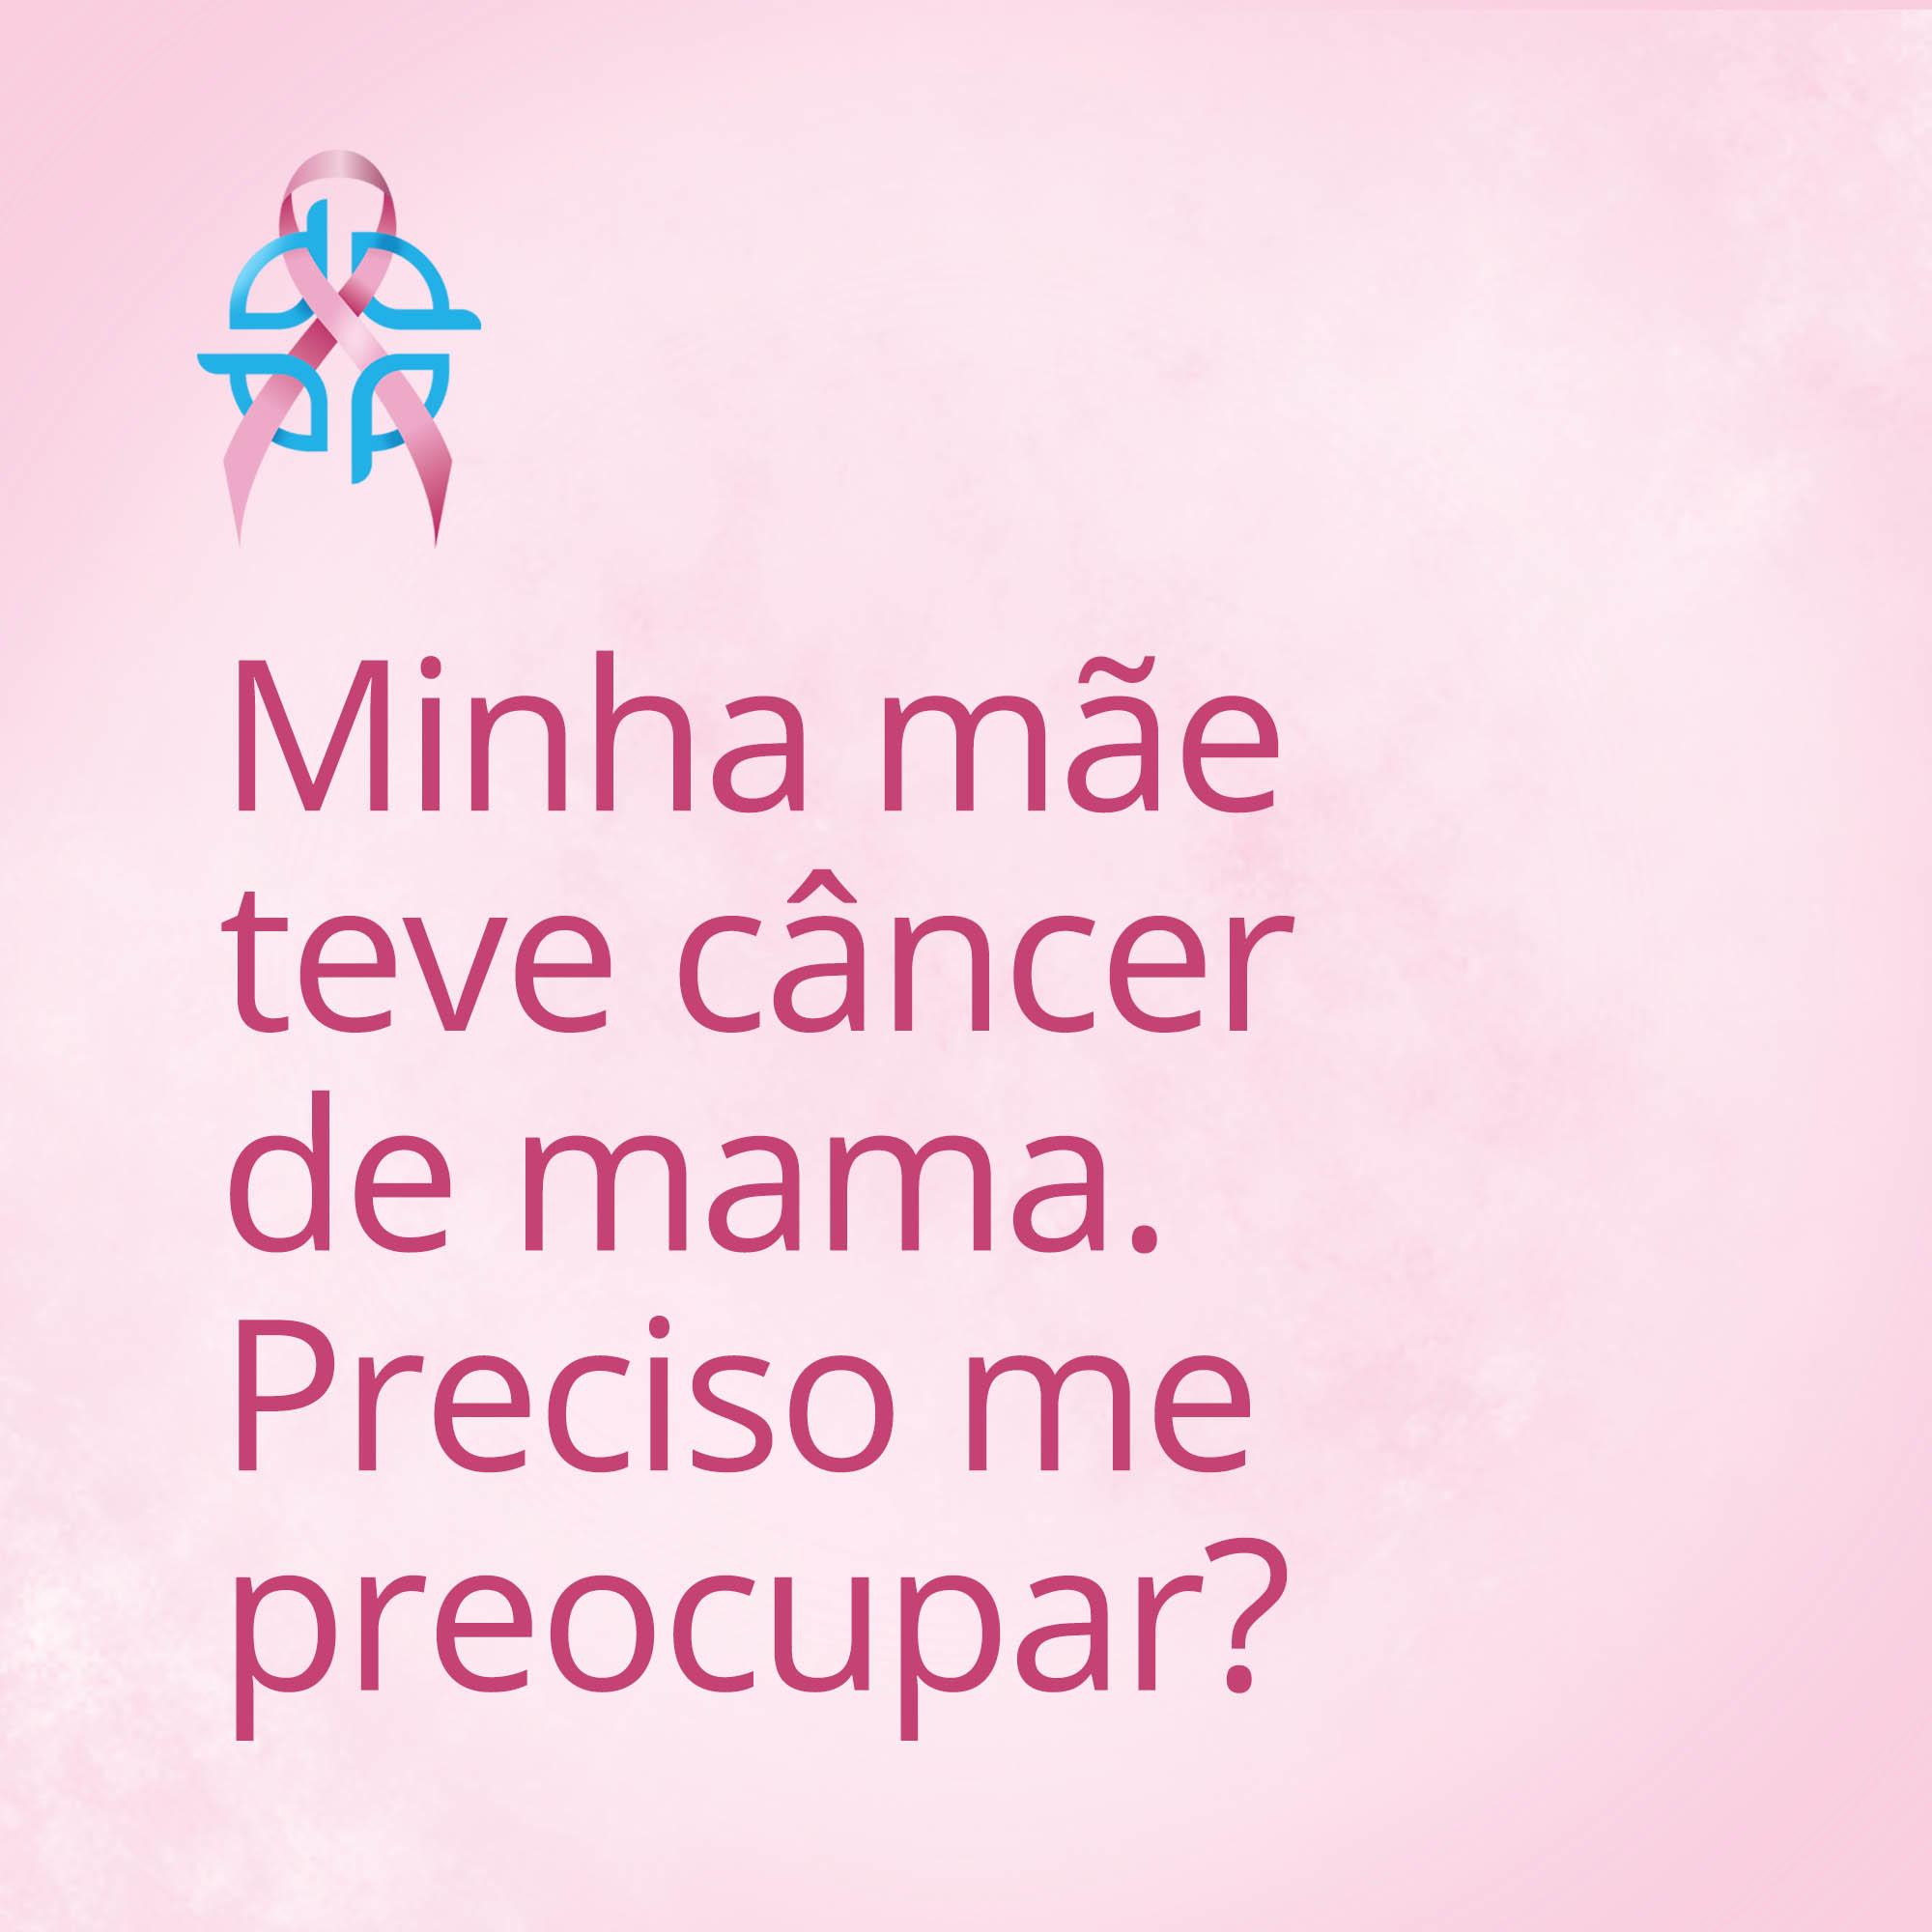 Minha mãe teve câncer de mama. Preciso me preocupar?